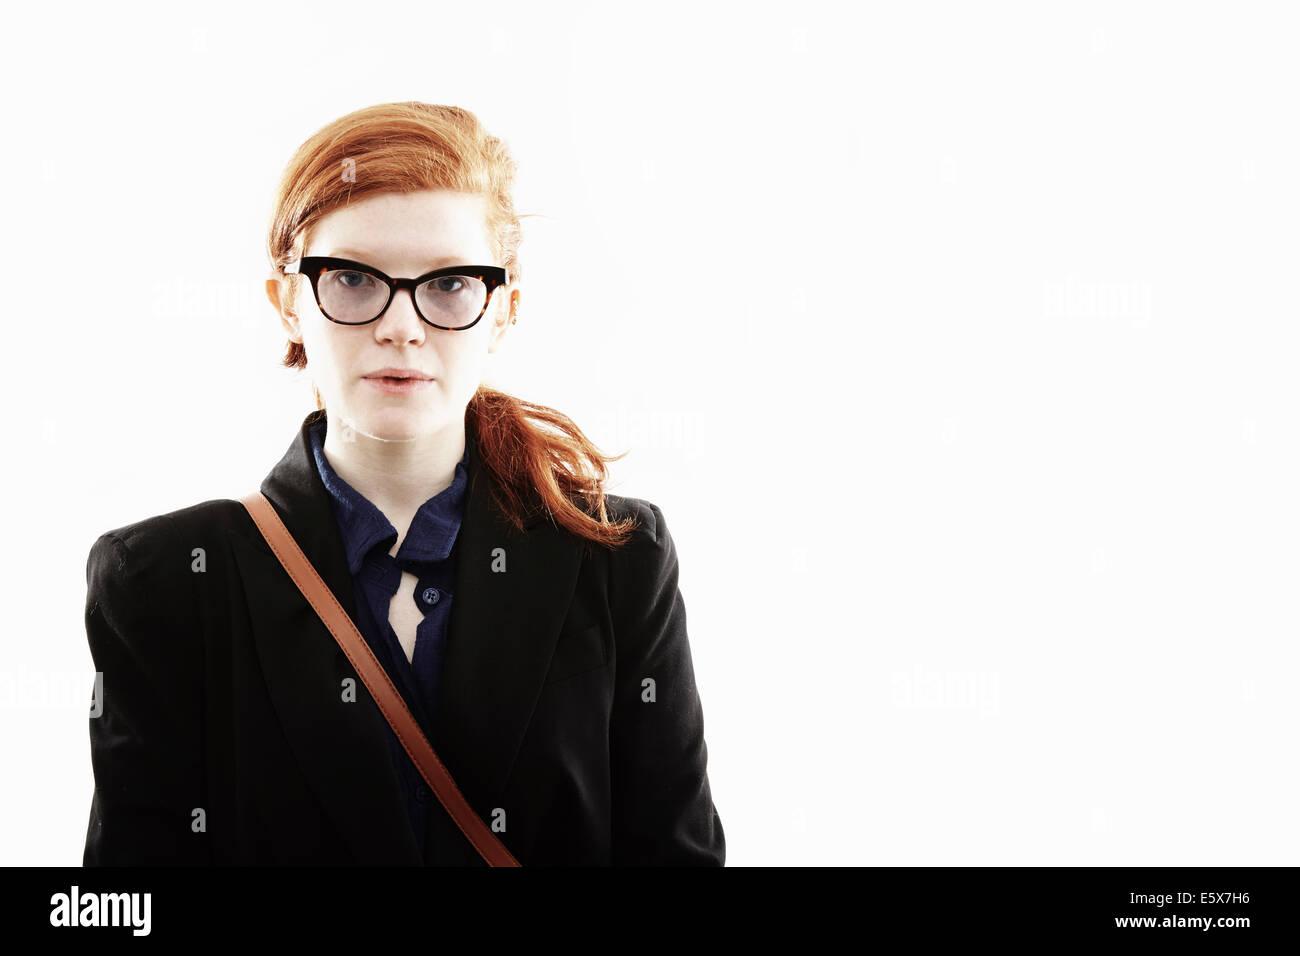 Studio retrato de mujer joven con anteojos y expresión vacía Imagen De Stock